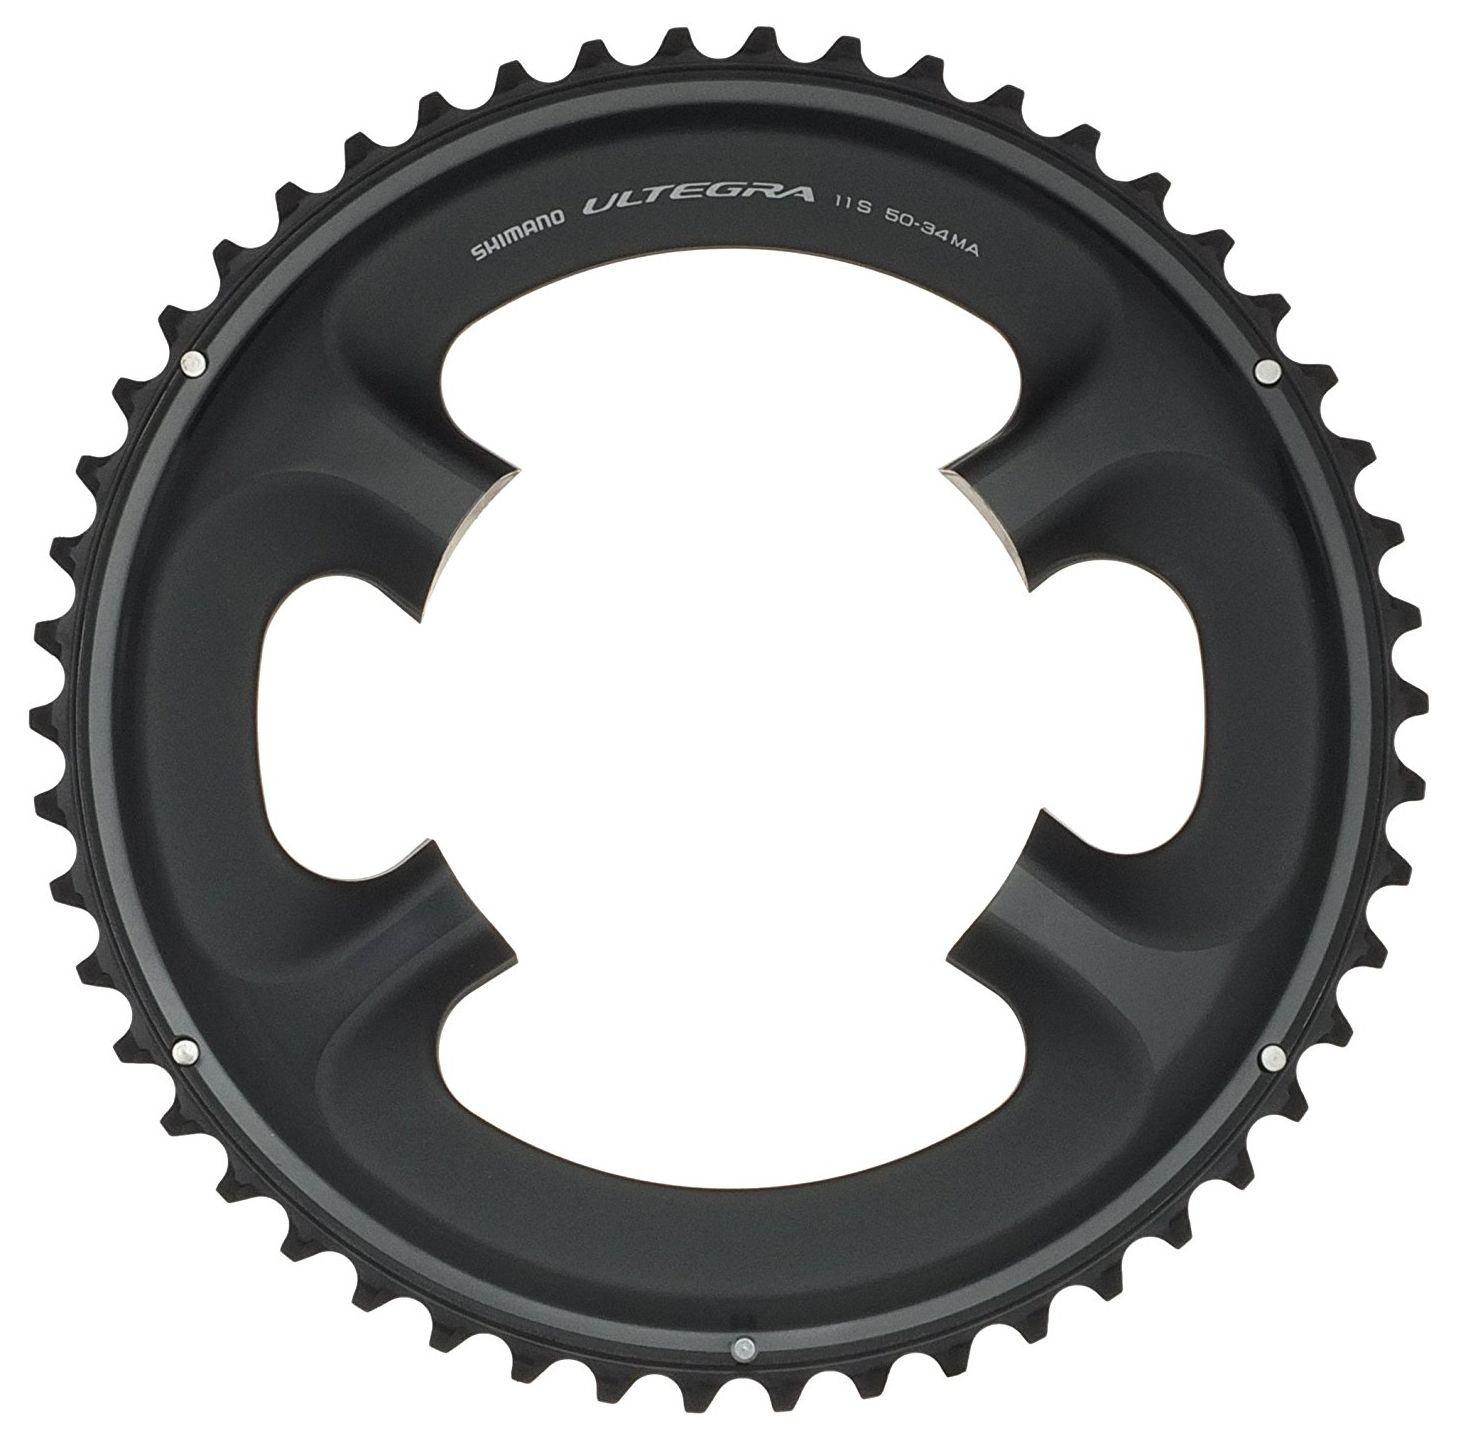 Запчасть Shimano передняя Ultegra для FC-6800 (Y1P498060) запчасть shimano ultegra 6700 ics670010225